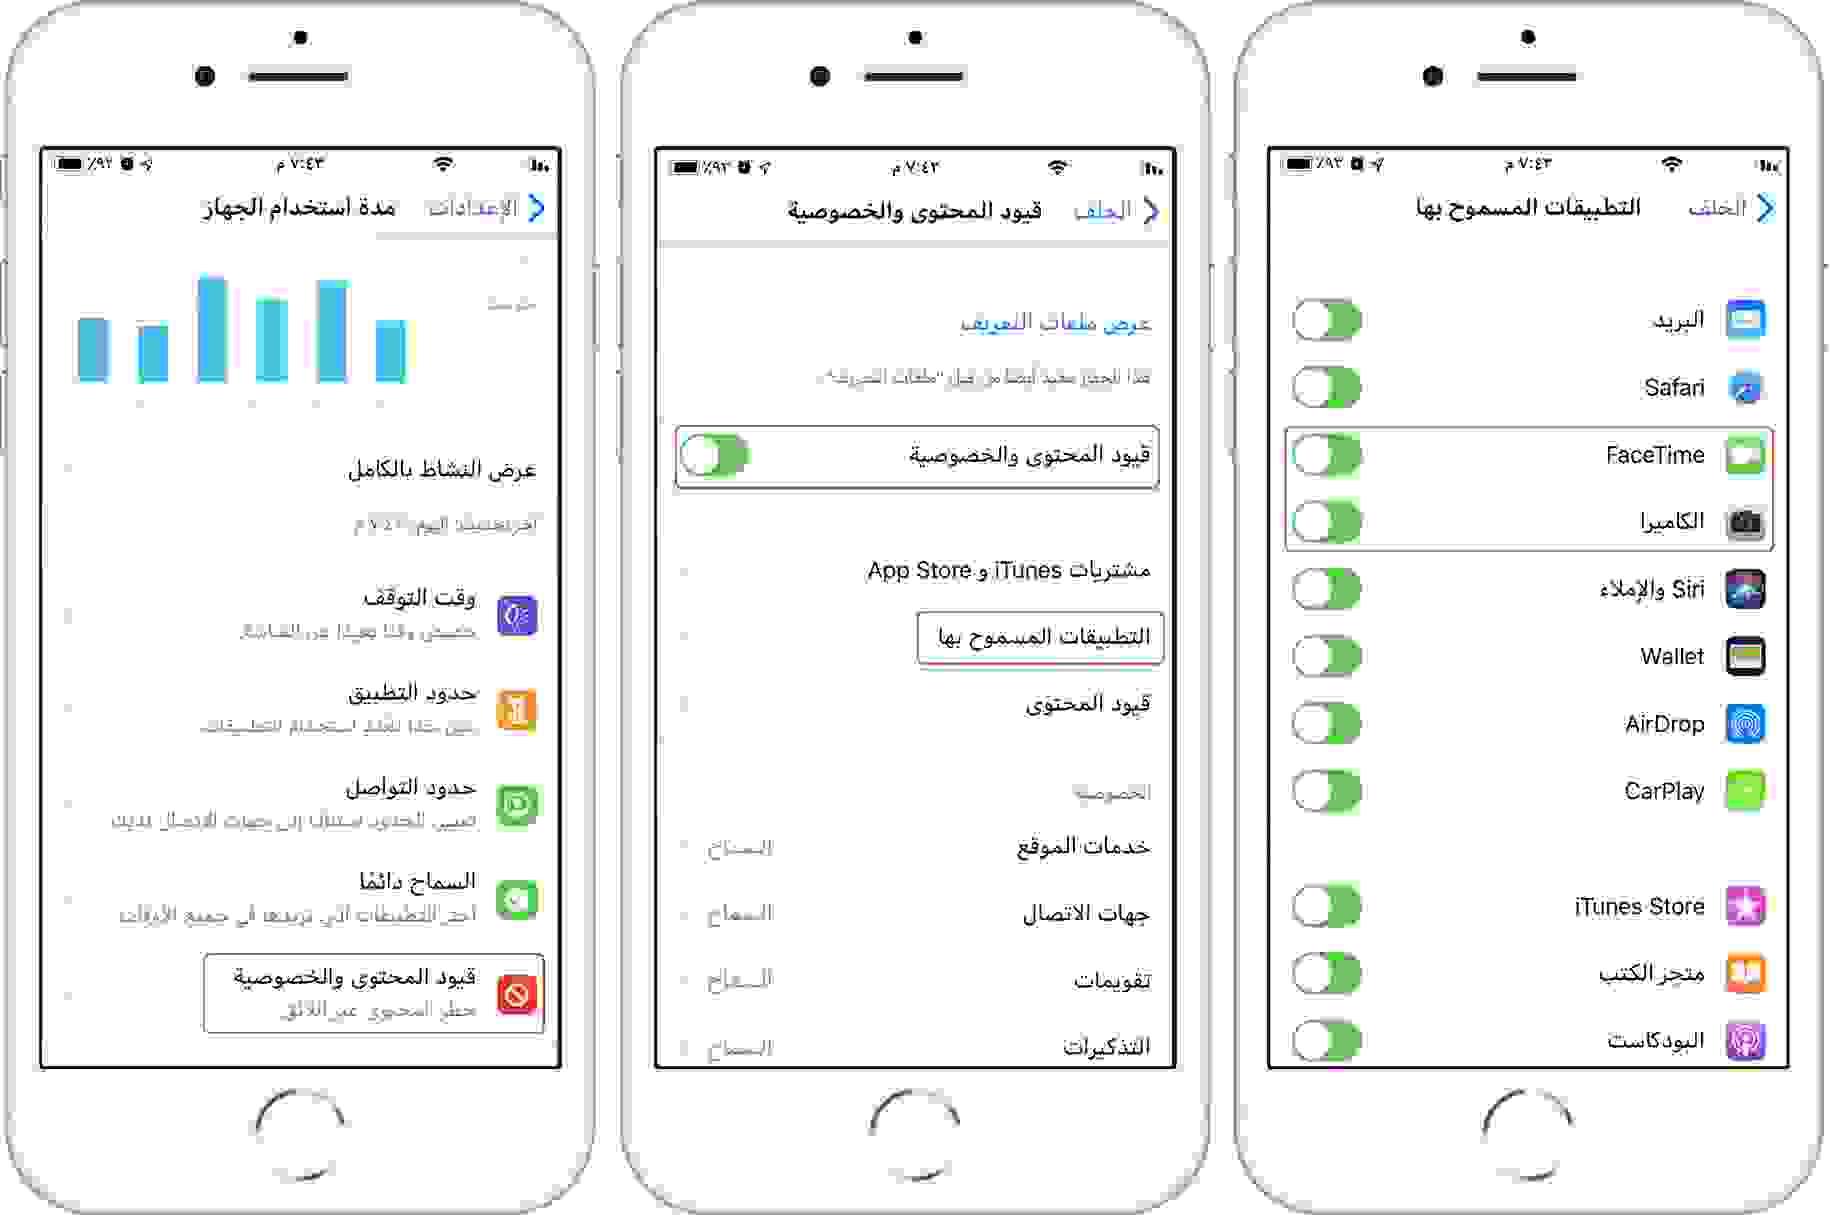 قيود المحتوى والخصوصية في إعدادات أيفون قد تسبب تعطيل فيس تايم